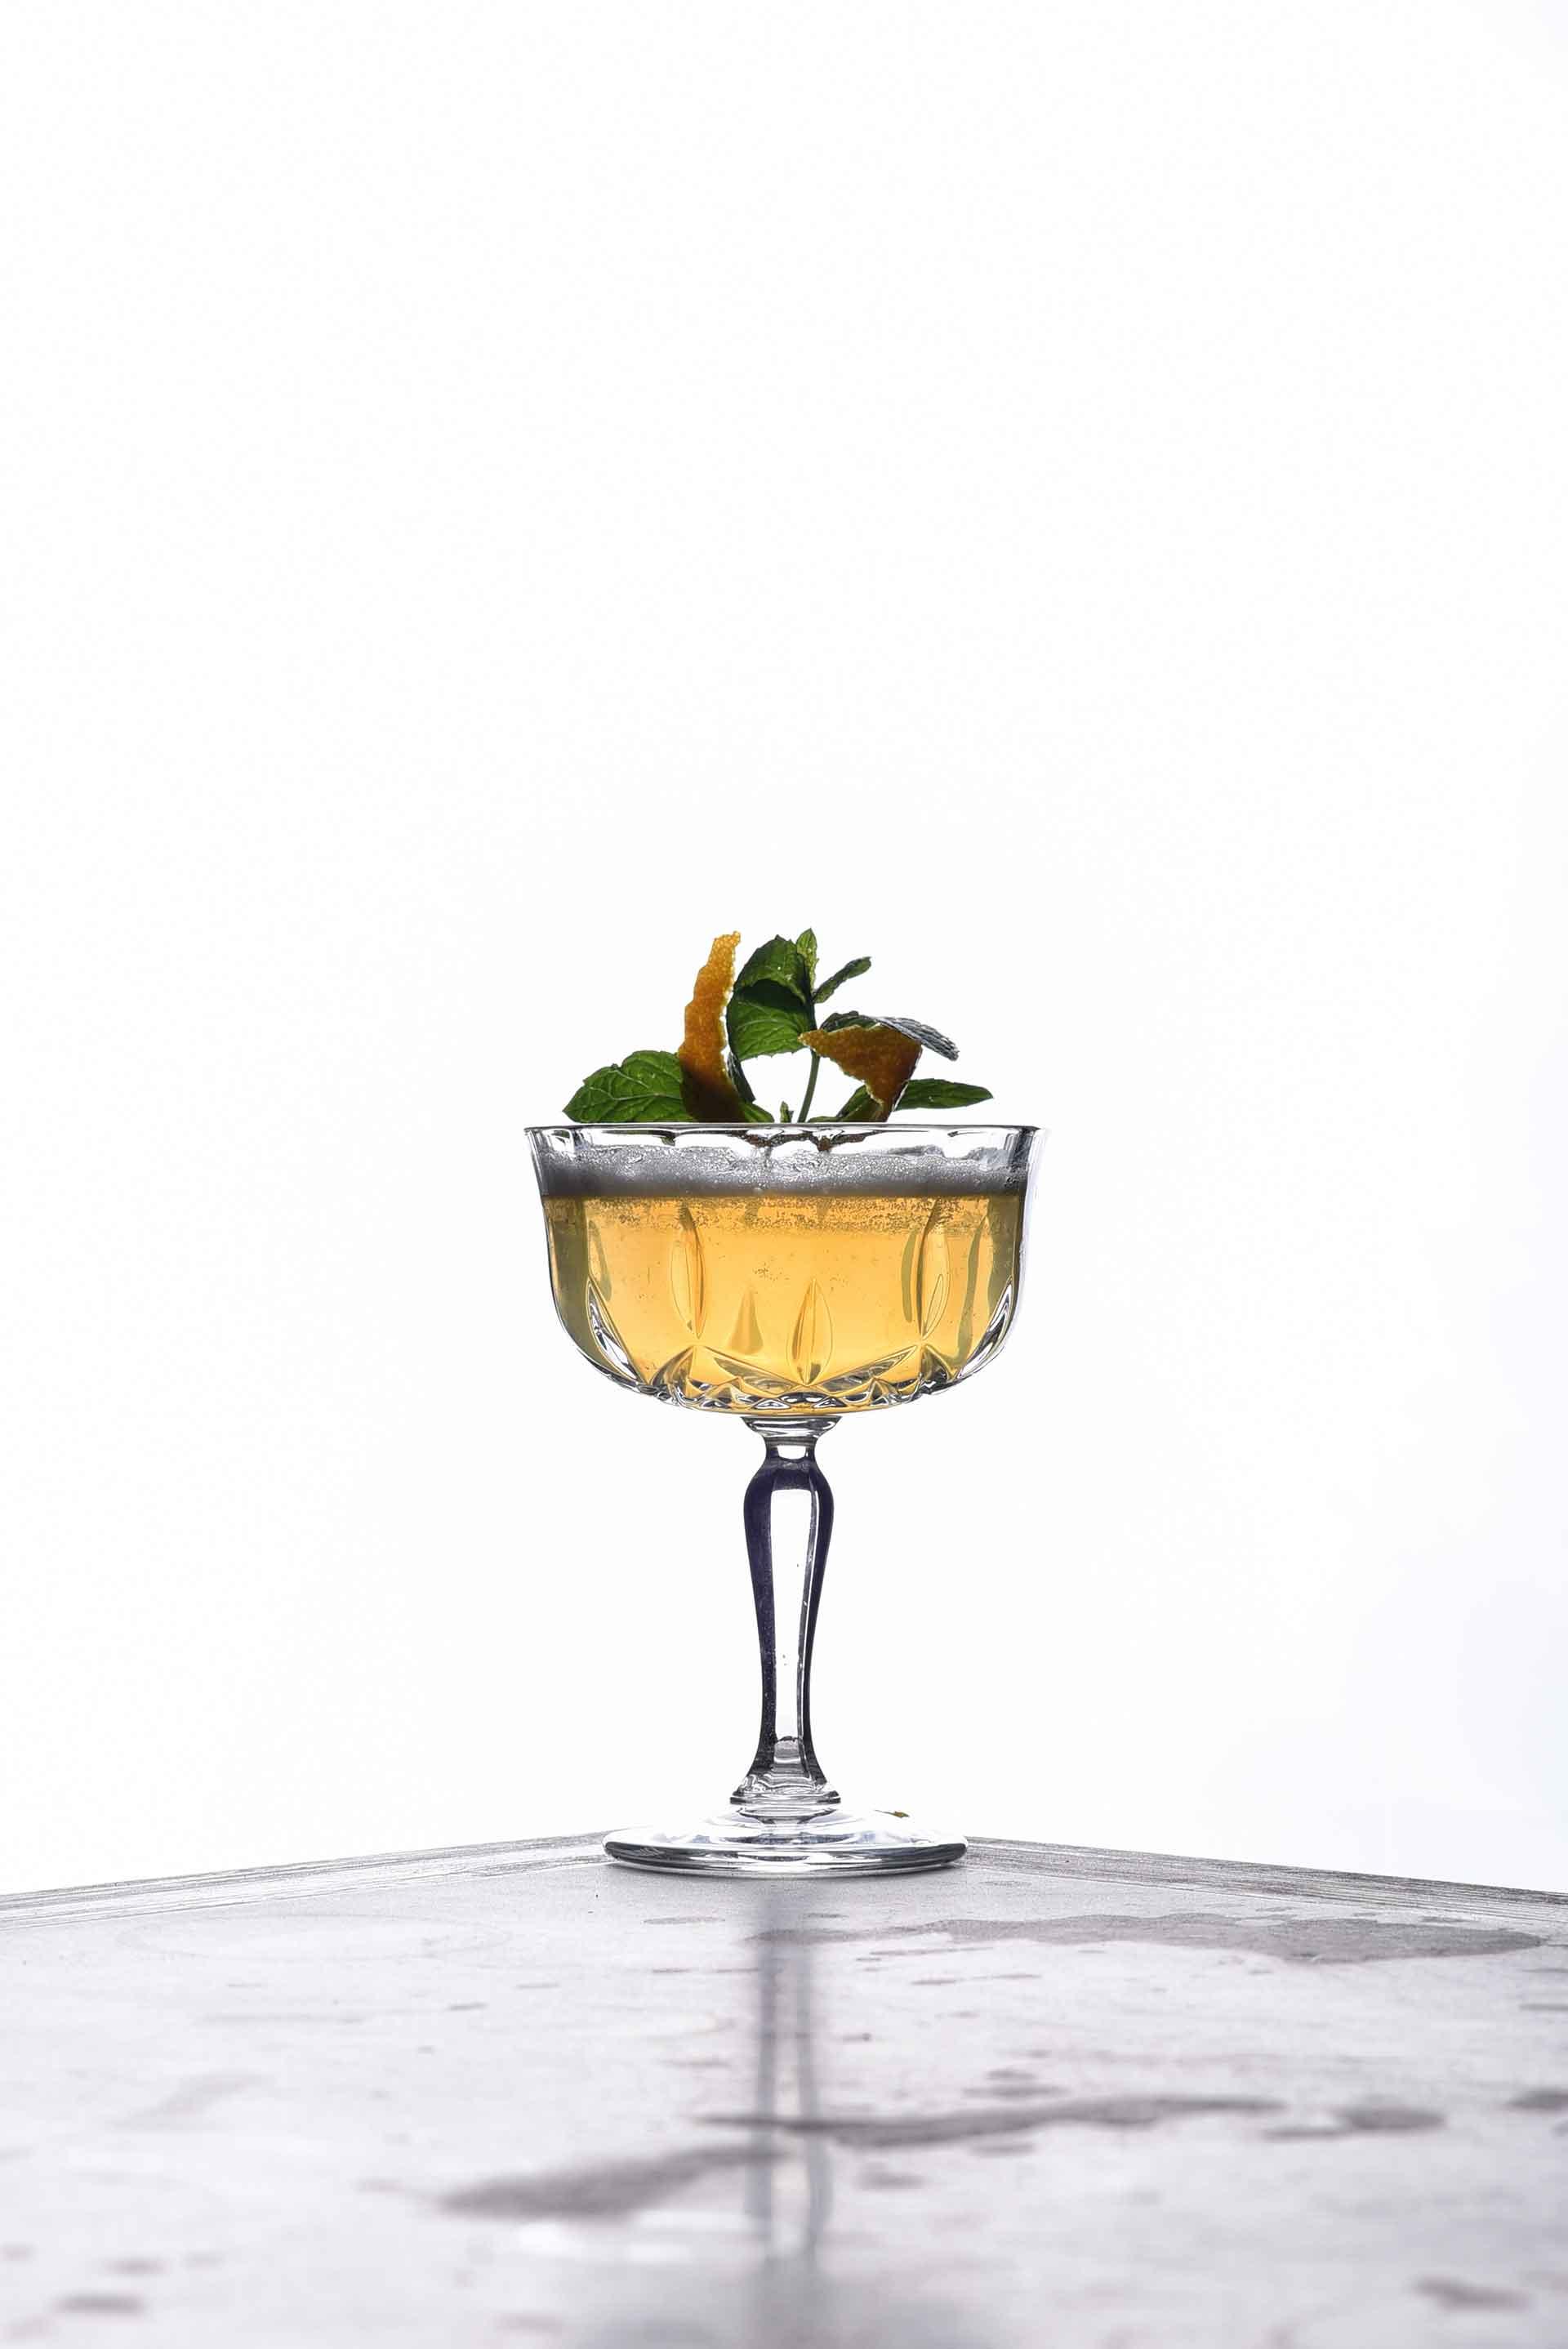 officina-visiva-foto-still-life-drink-lab-restaurant-4